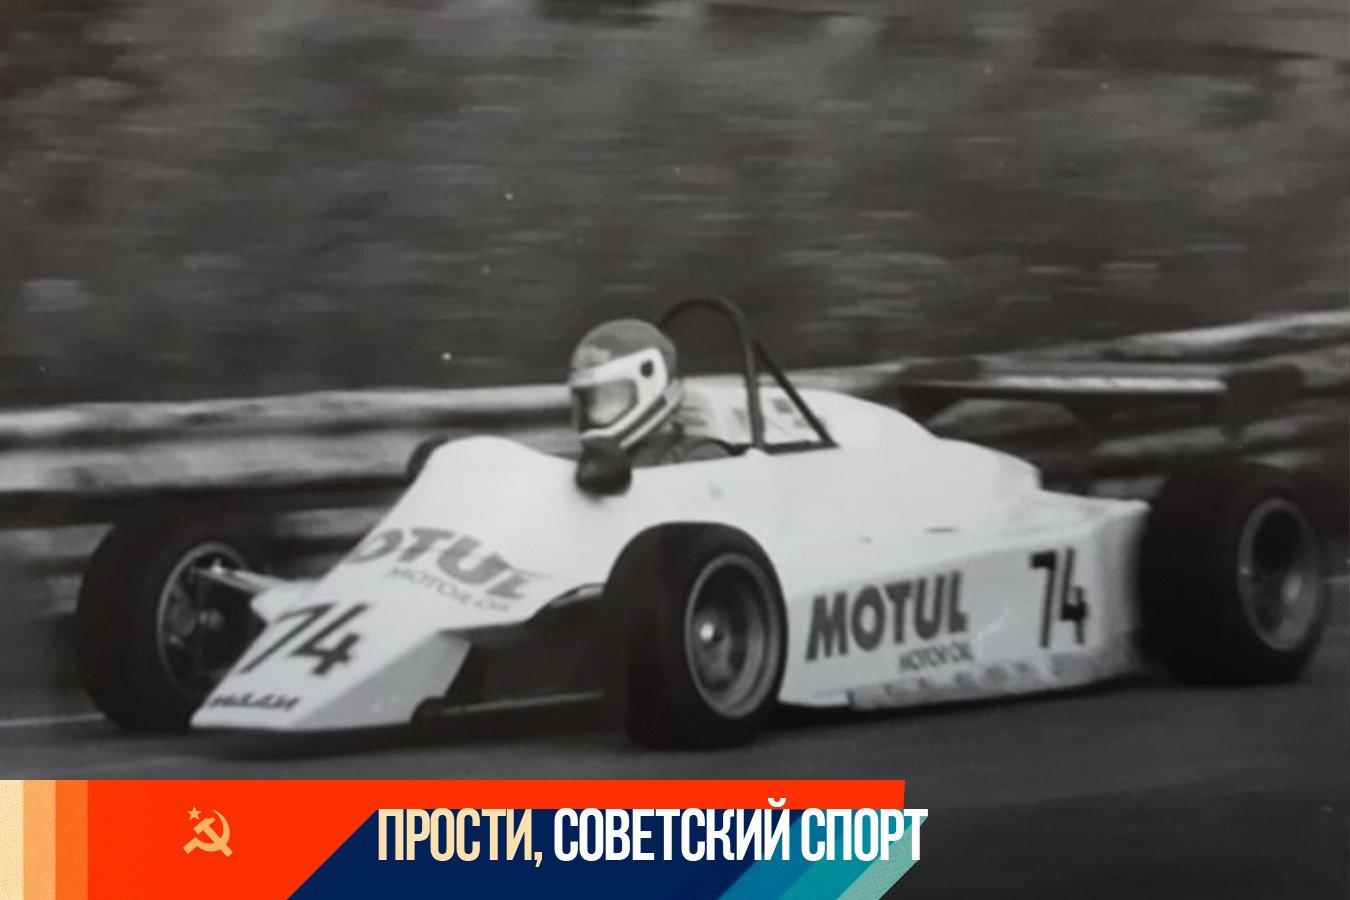 Как проходил последний чемпионат СССР